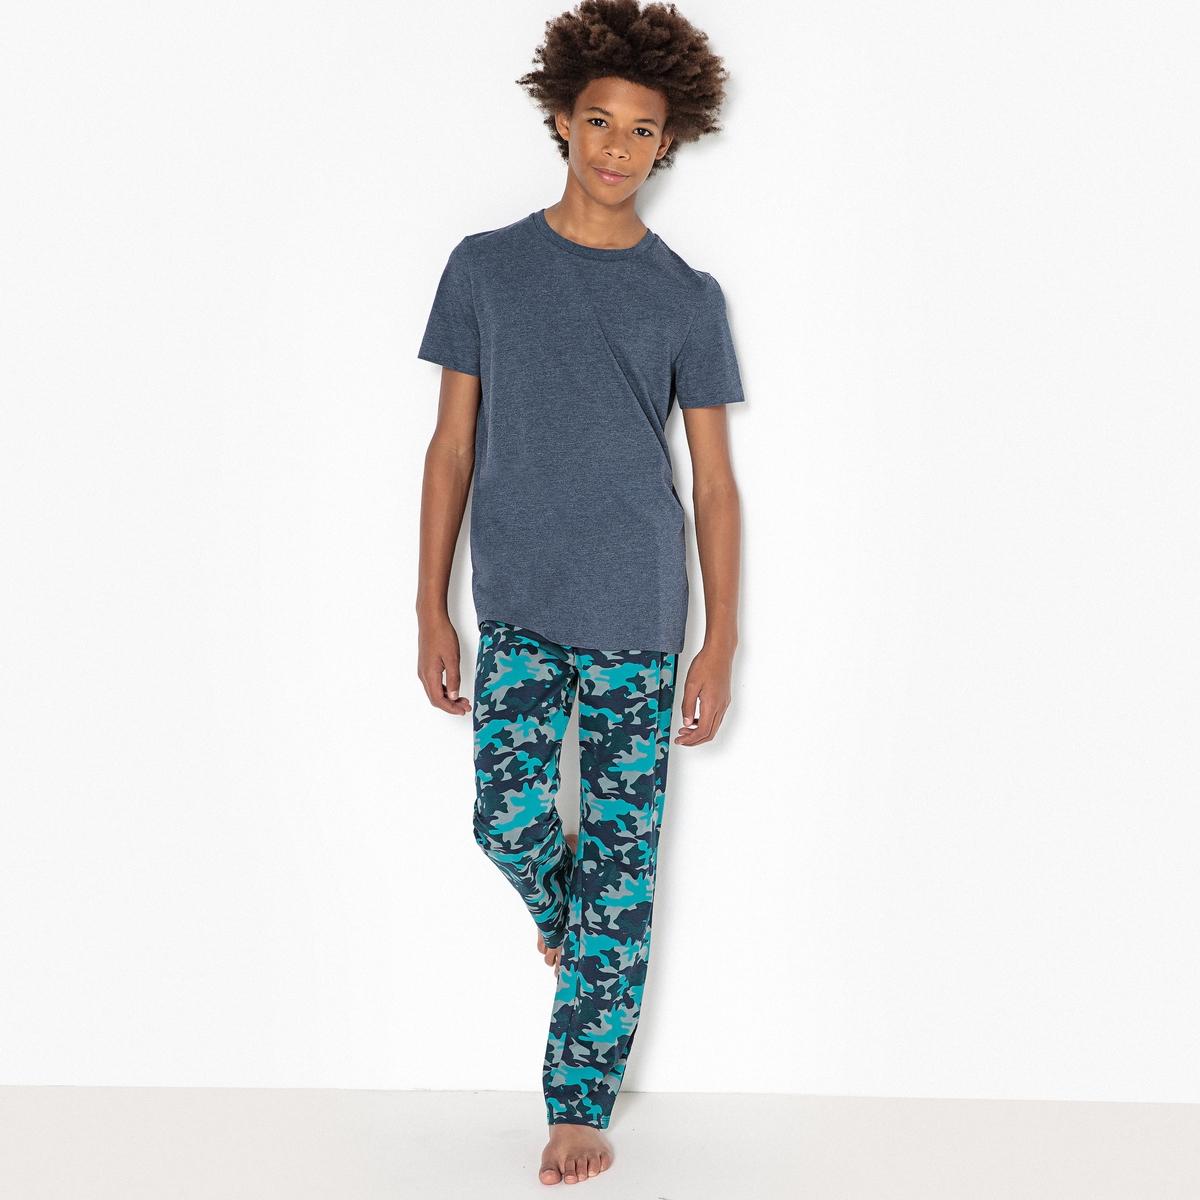 Пижама с камуфляжным рисунком из хлопка, 10-16 лет комбинезон пижама с рисунком 10 16 лет